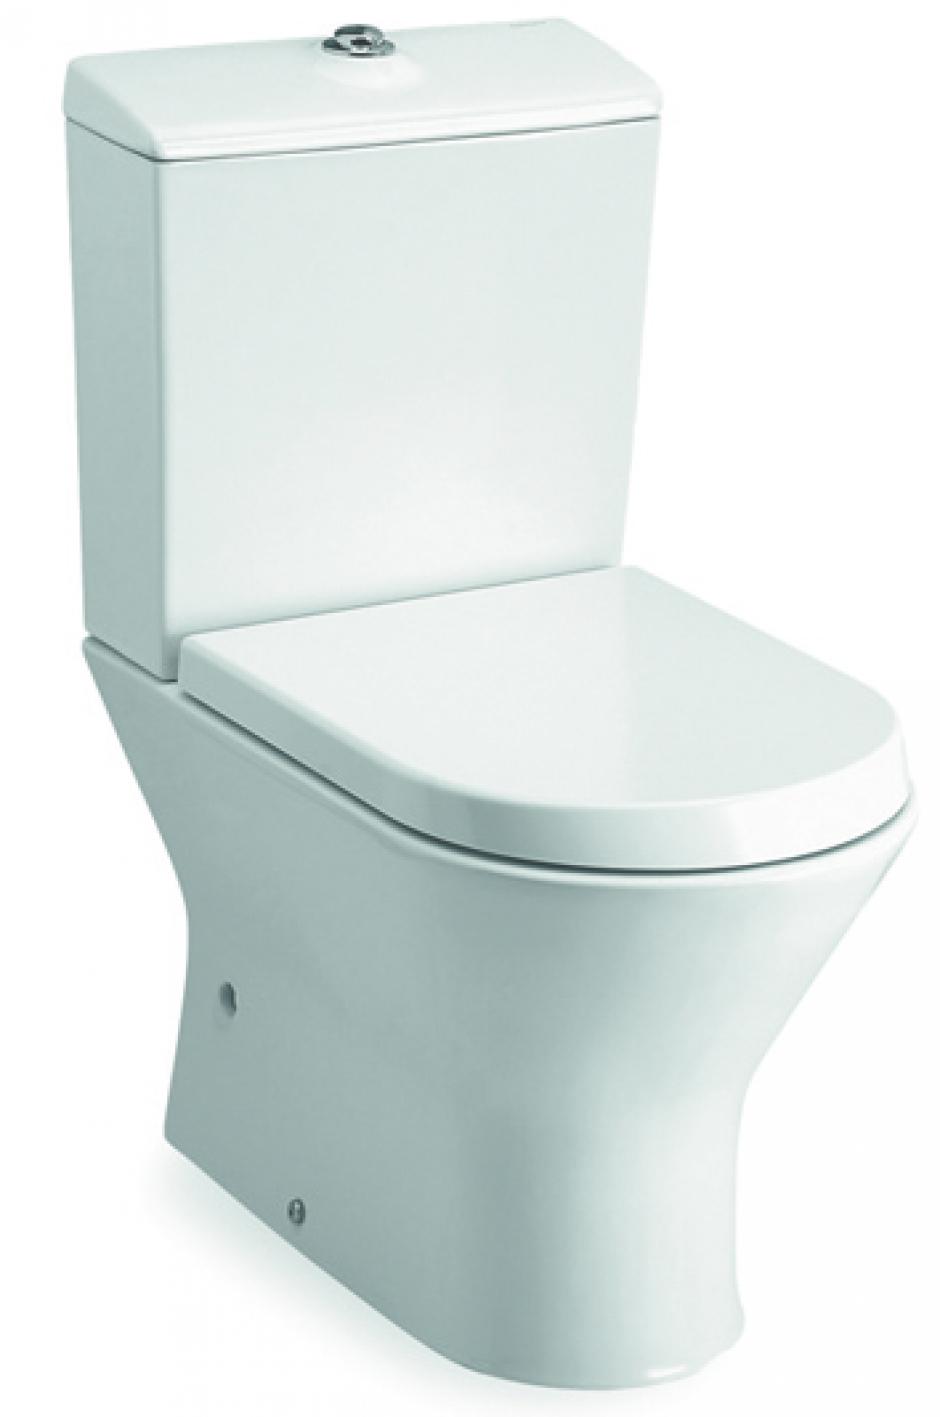 salle de bain r servoir wc r servoir 3 6 litres alimentation par dessous. Black Bedroom Furniture Sets. Home Design Ideas